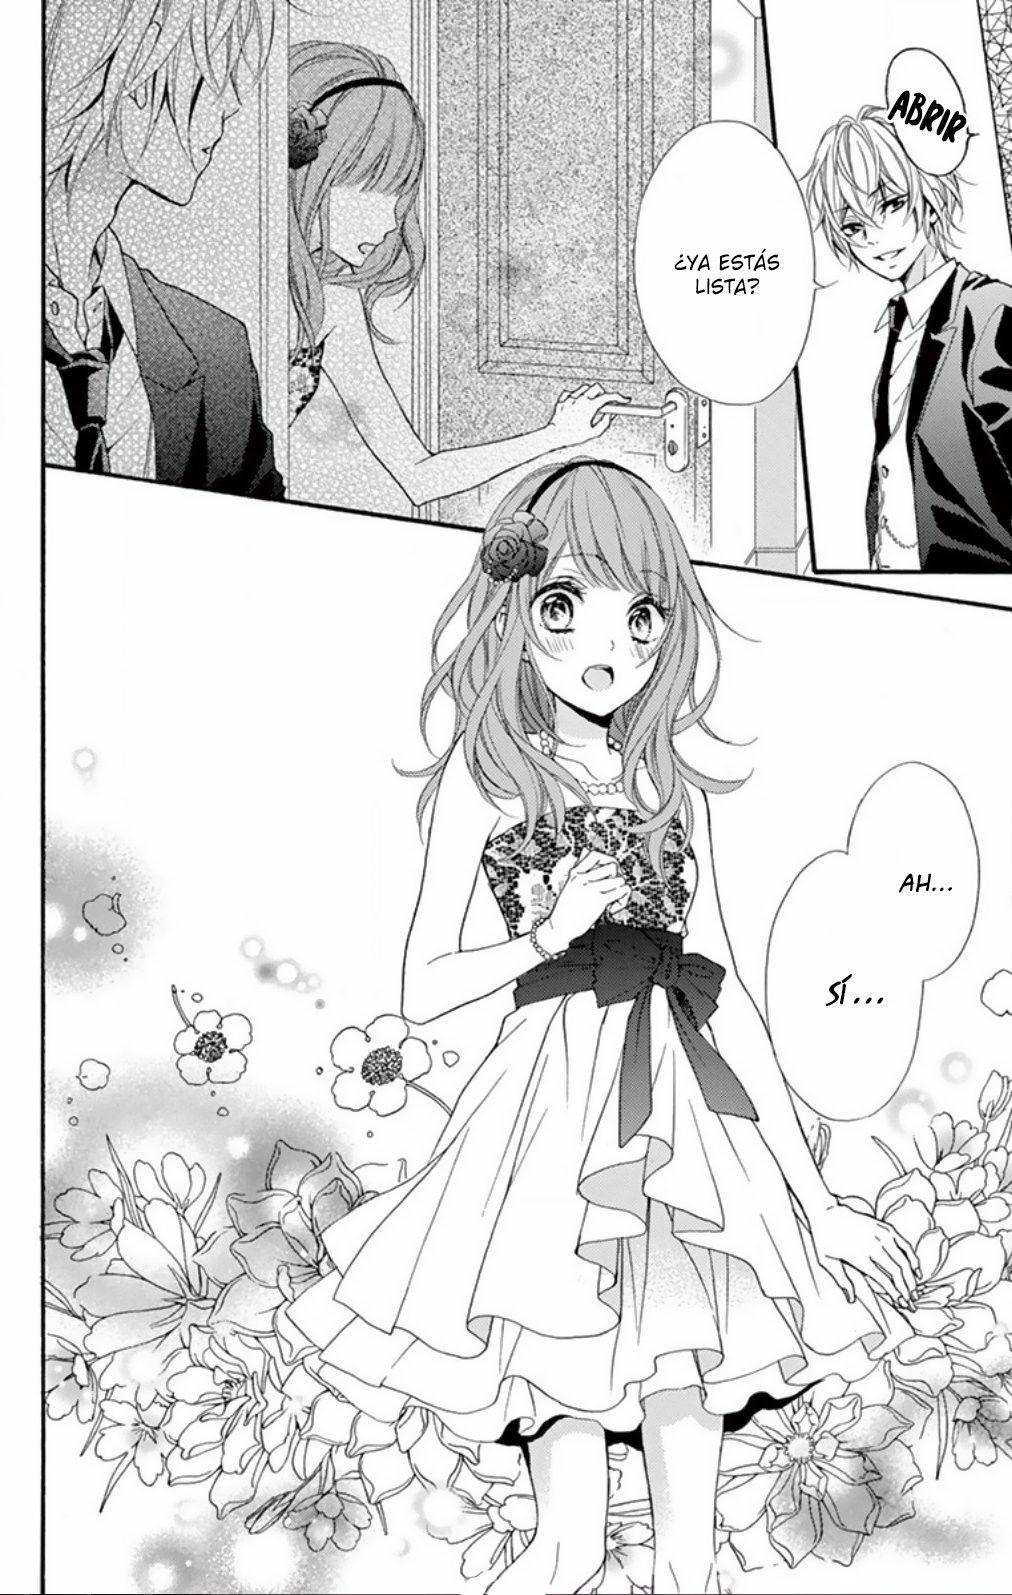 Pin by Aine yūki on animes y mangas☆ Shoujo manga, Manga